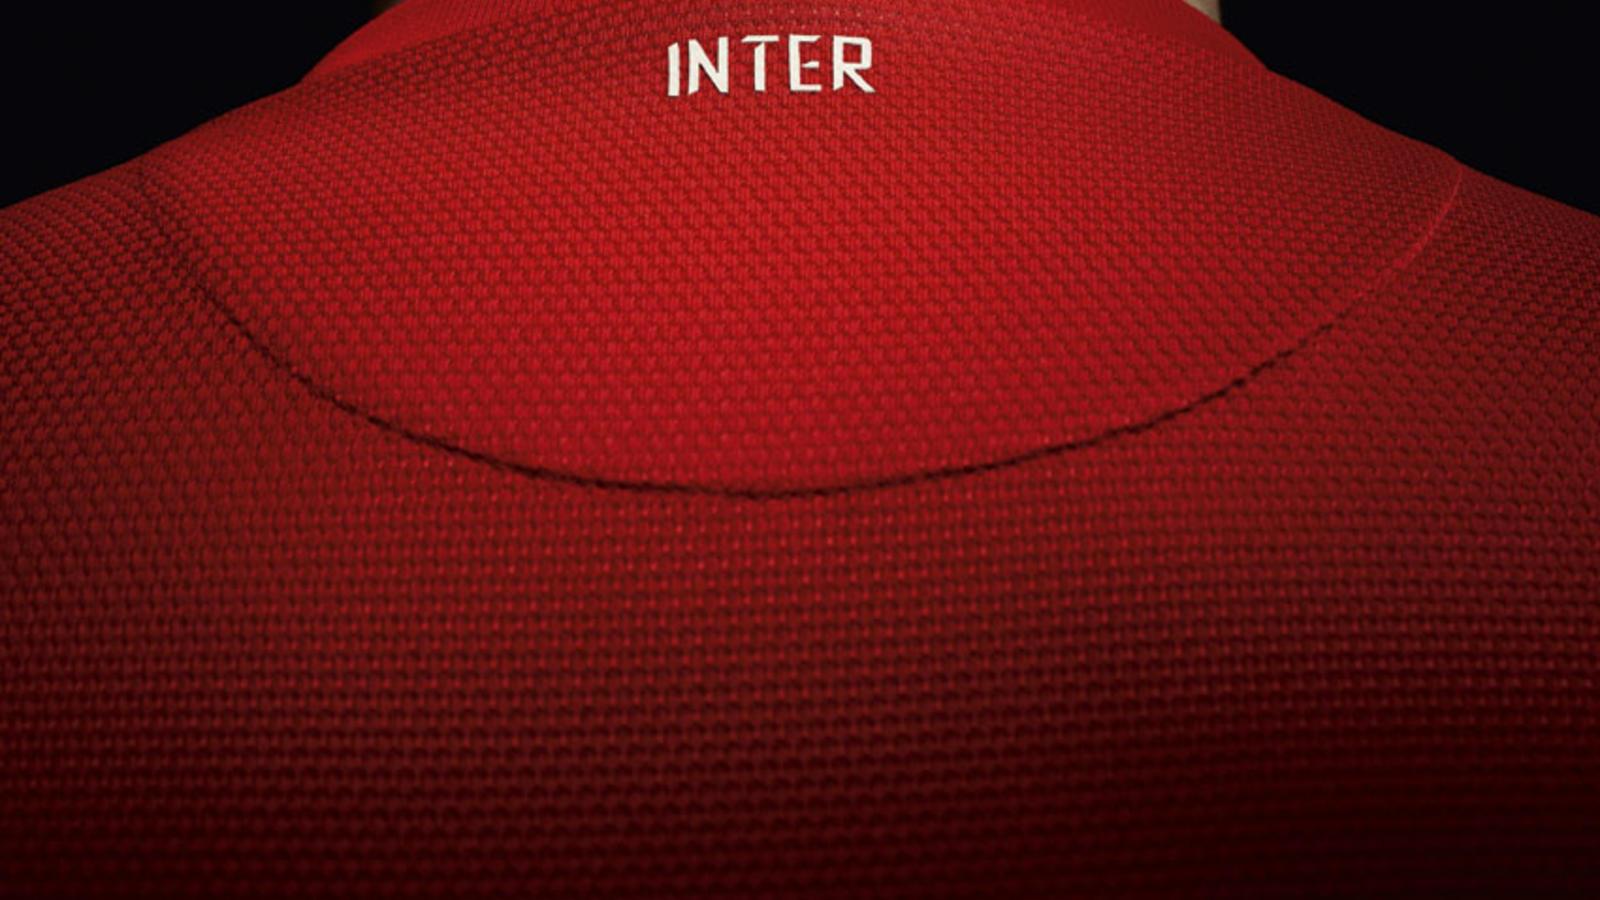 Fa12_Replica_Inter_A_Neck_Outside_sm